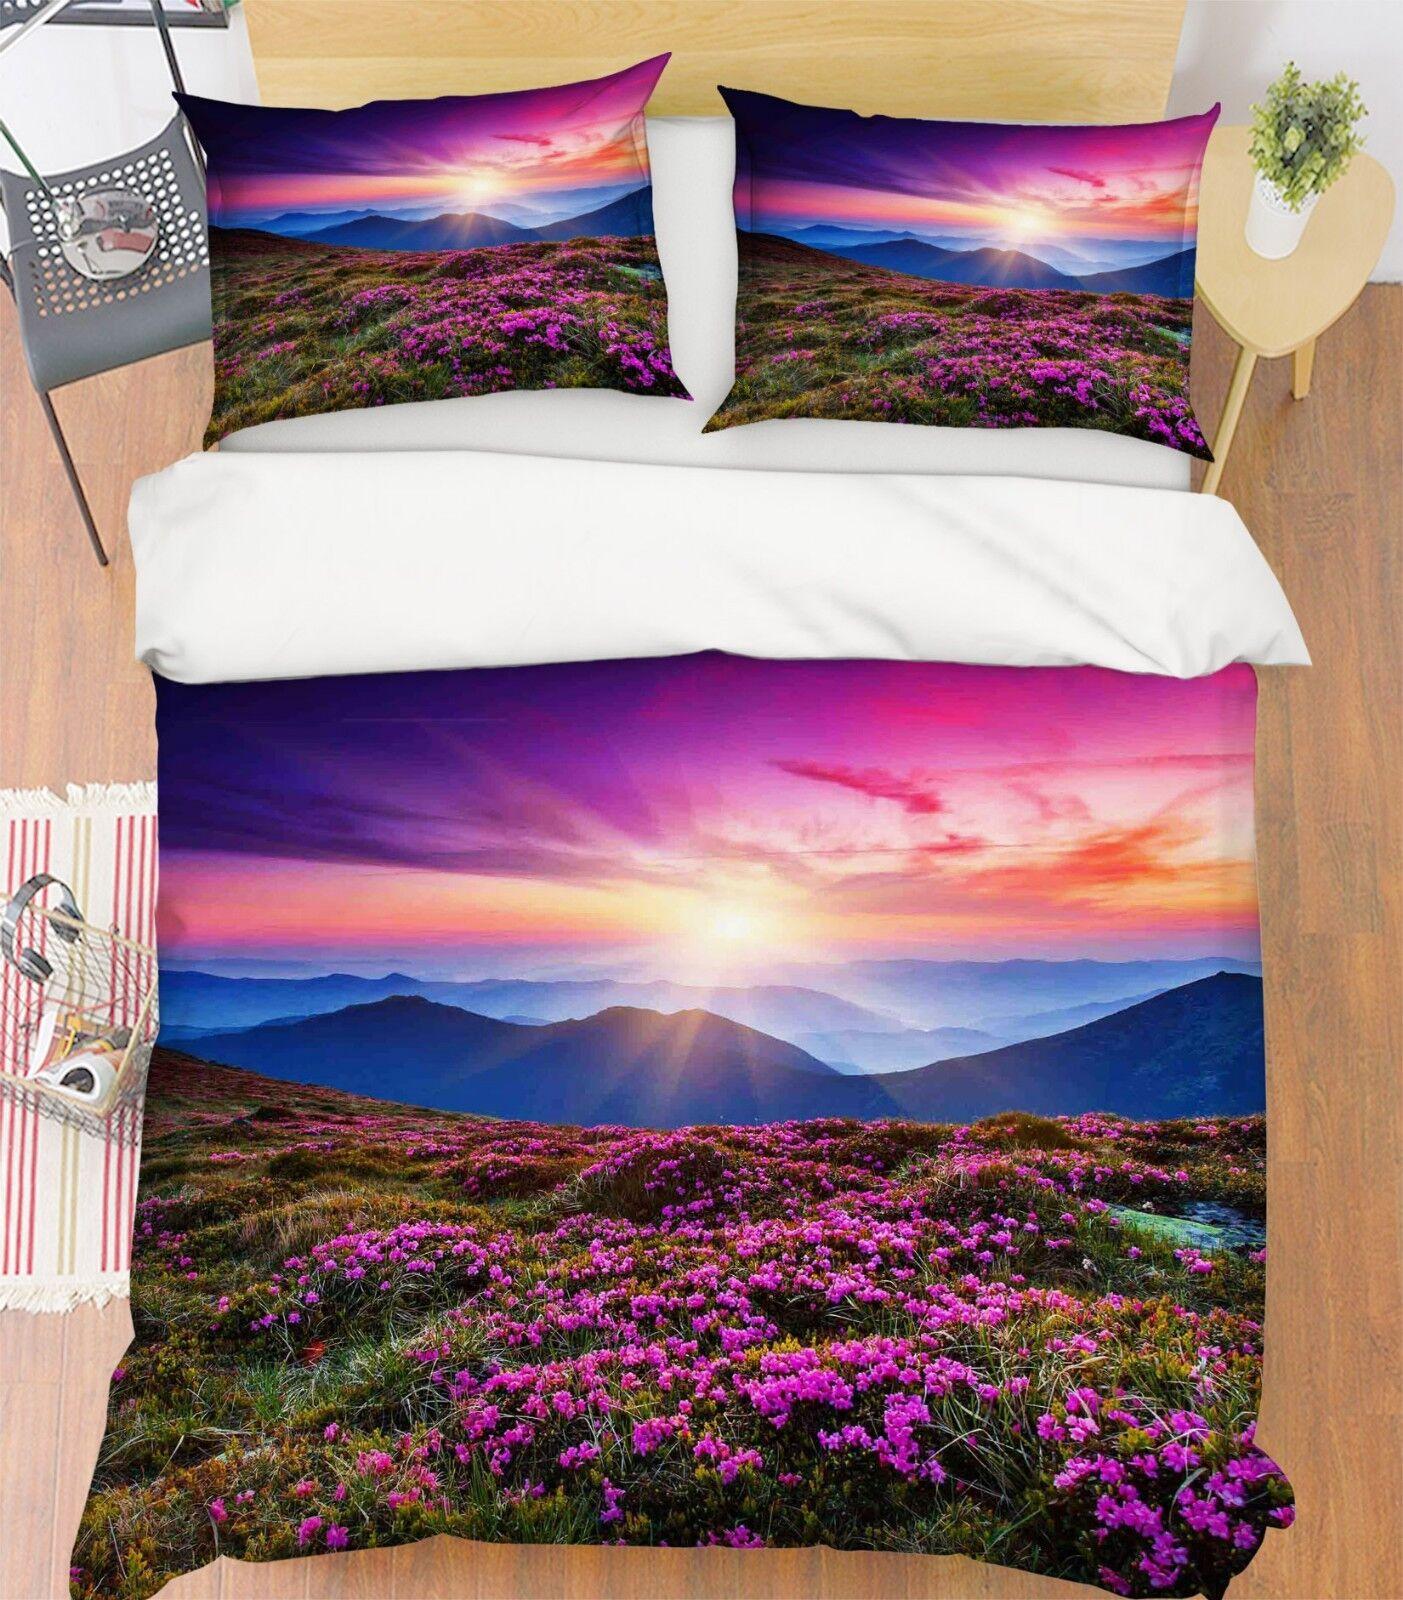 3d soleil montagne Violet champ de fleurs 5 lit housses de coussin steppes couette couverture Set Single